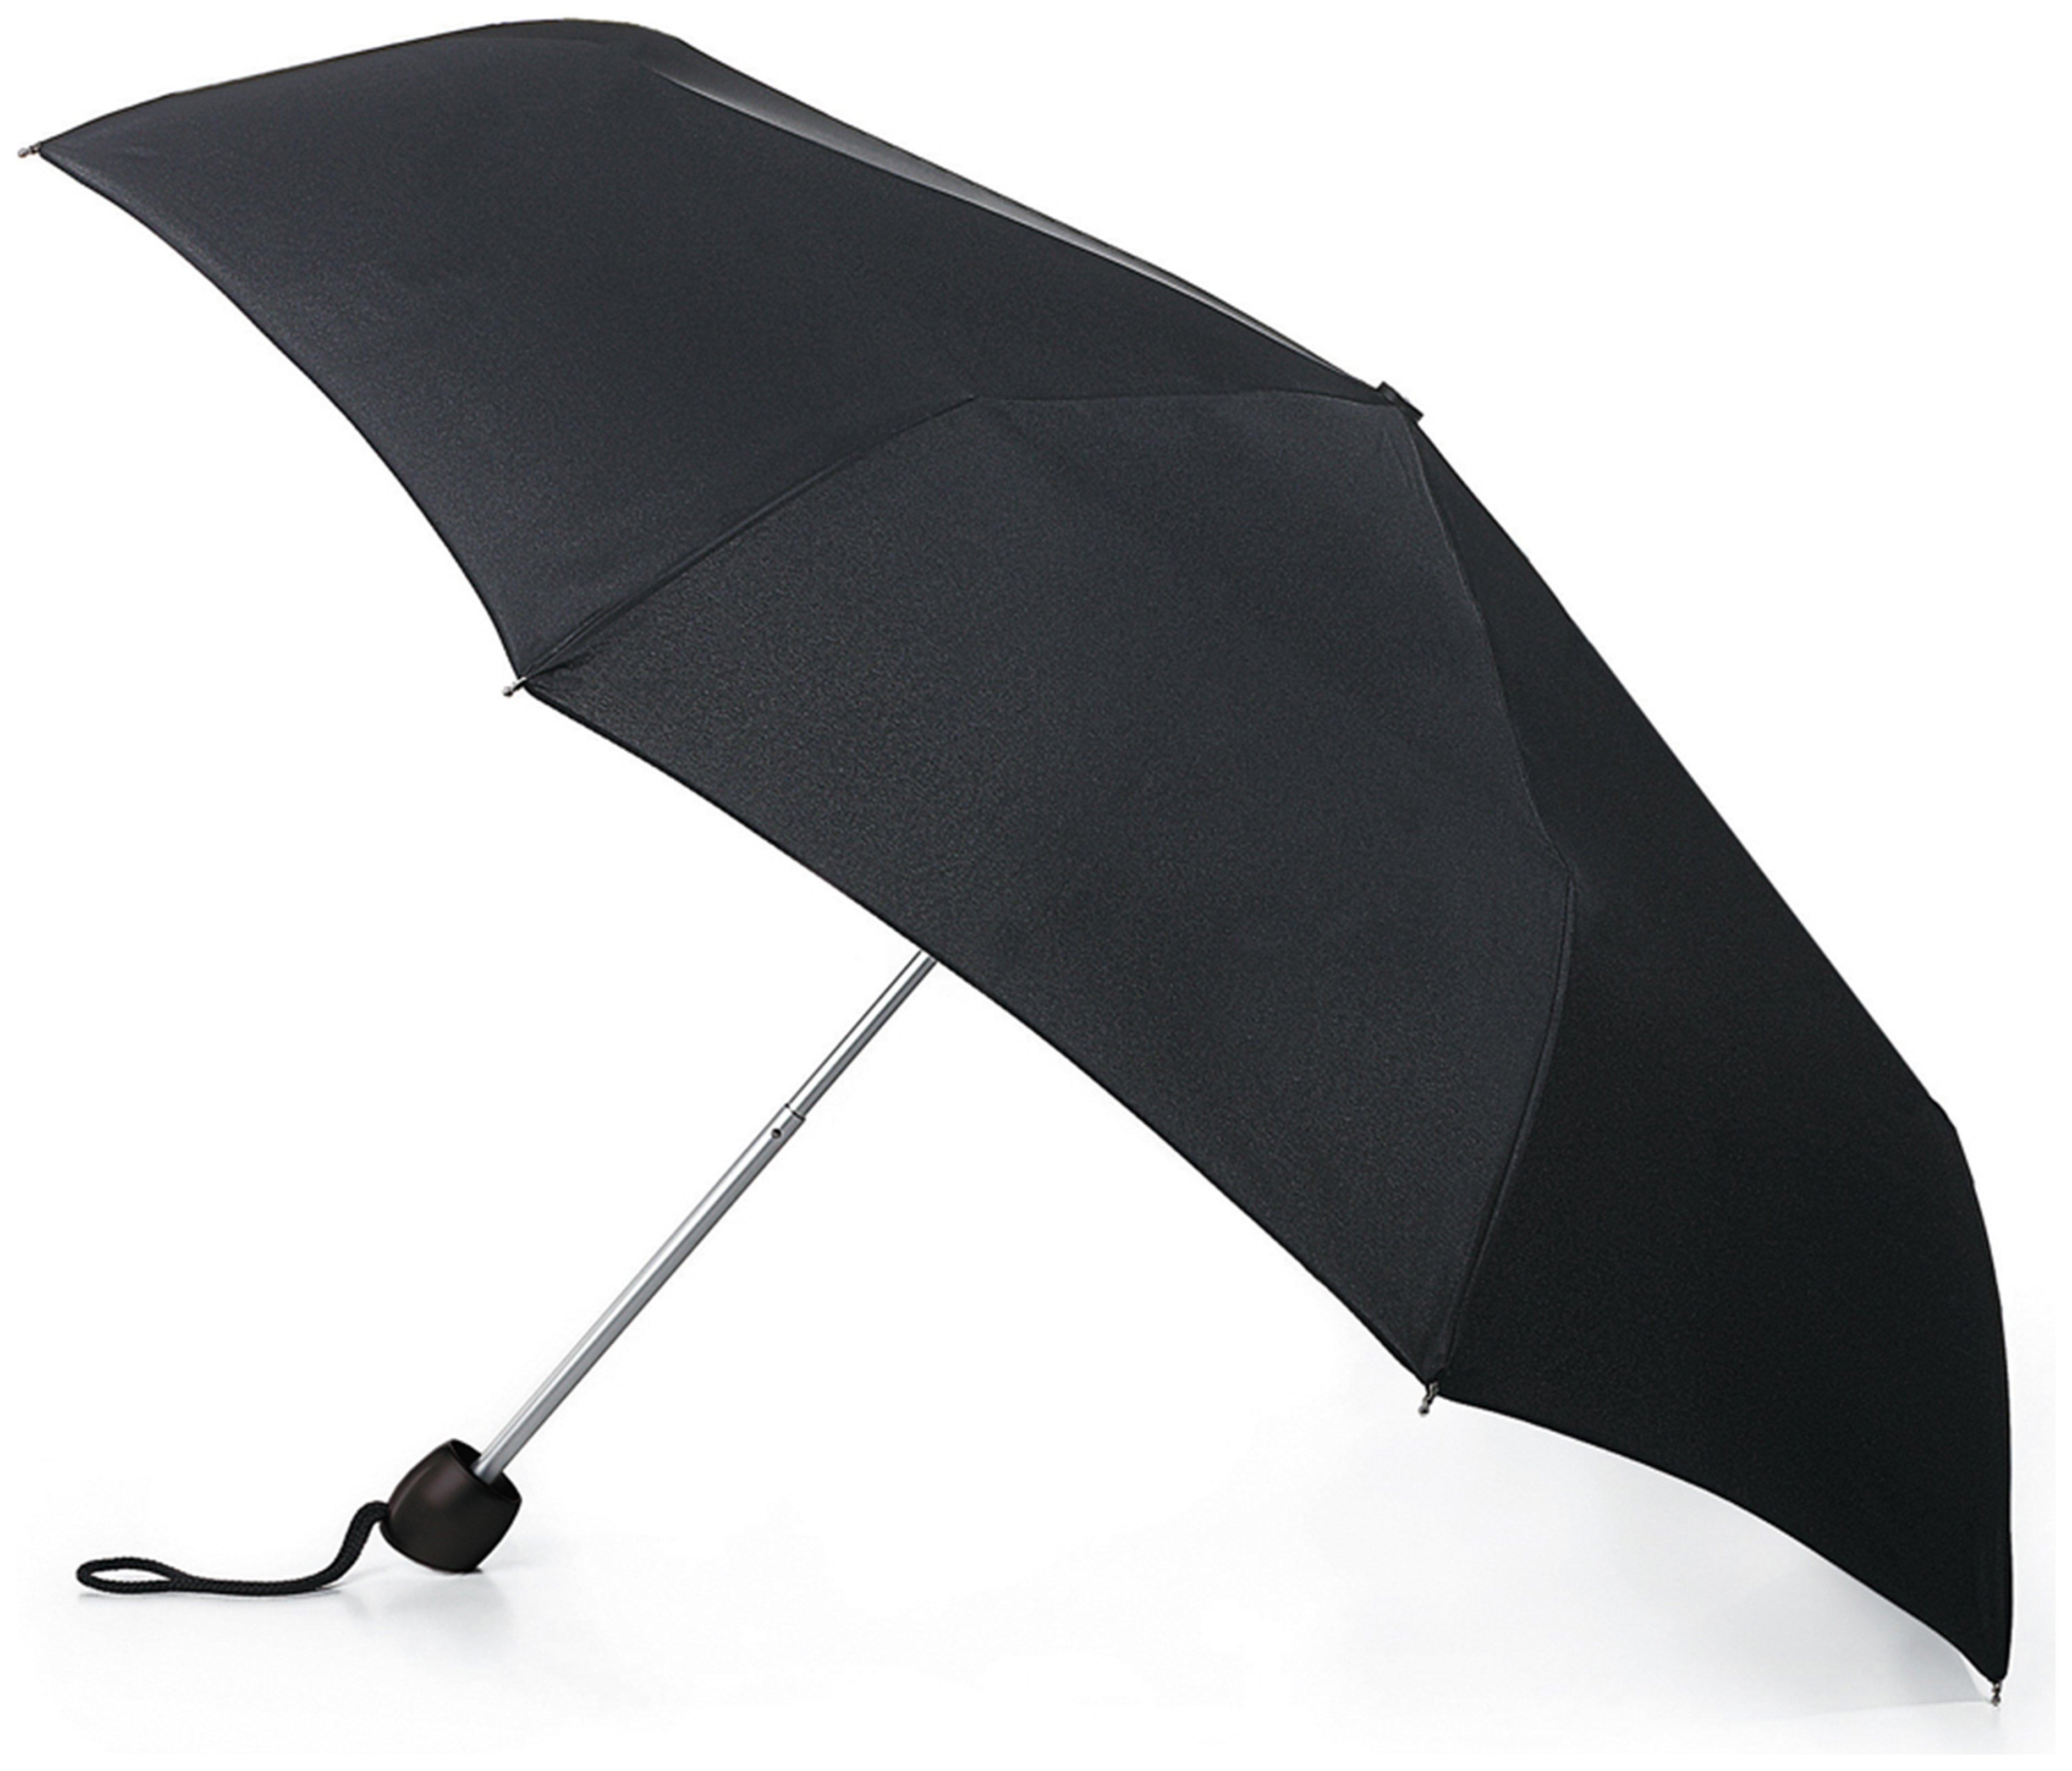 Fulton Minilite 1 Umbrella - Black